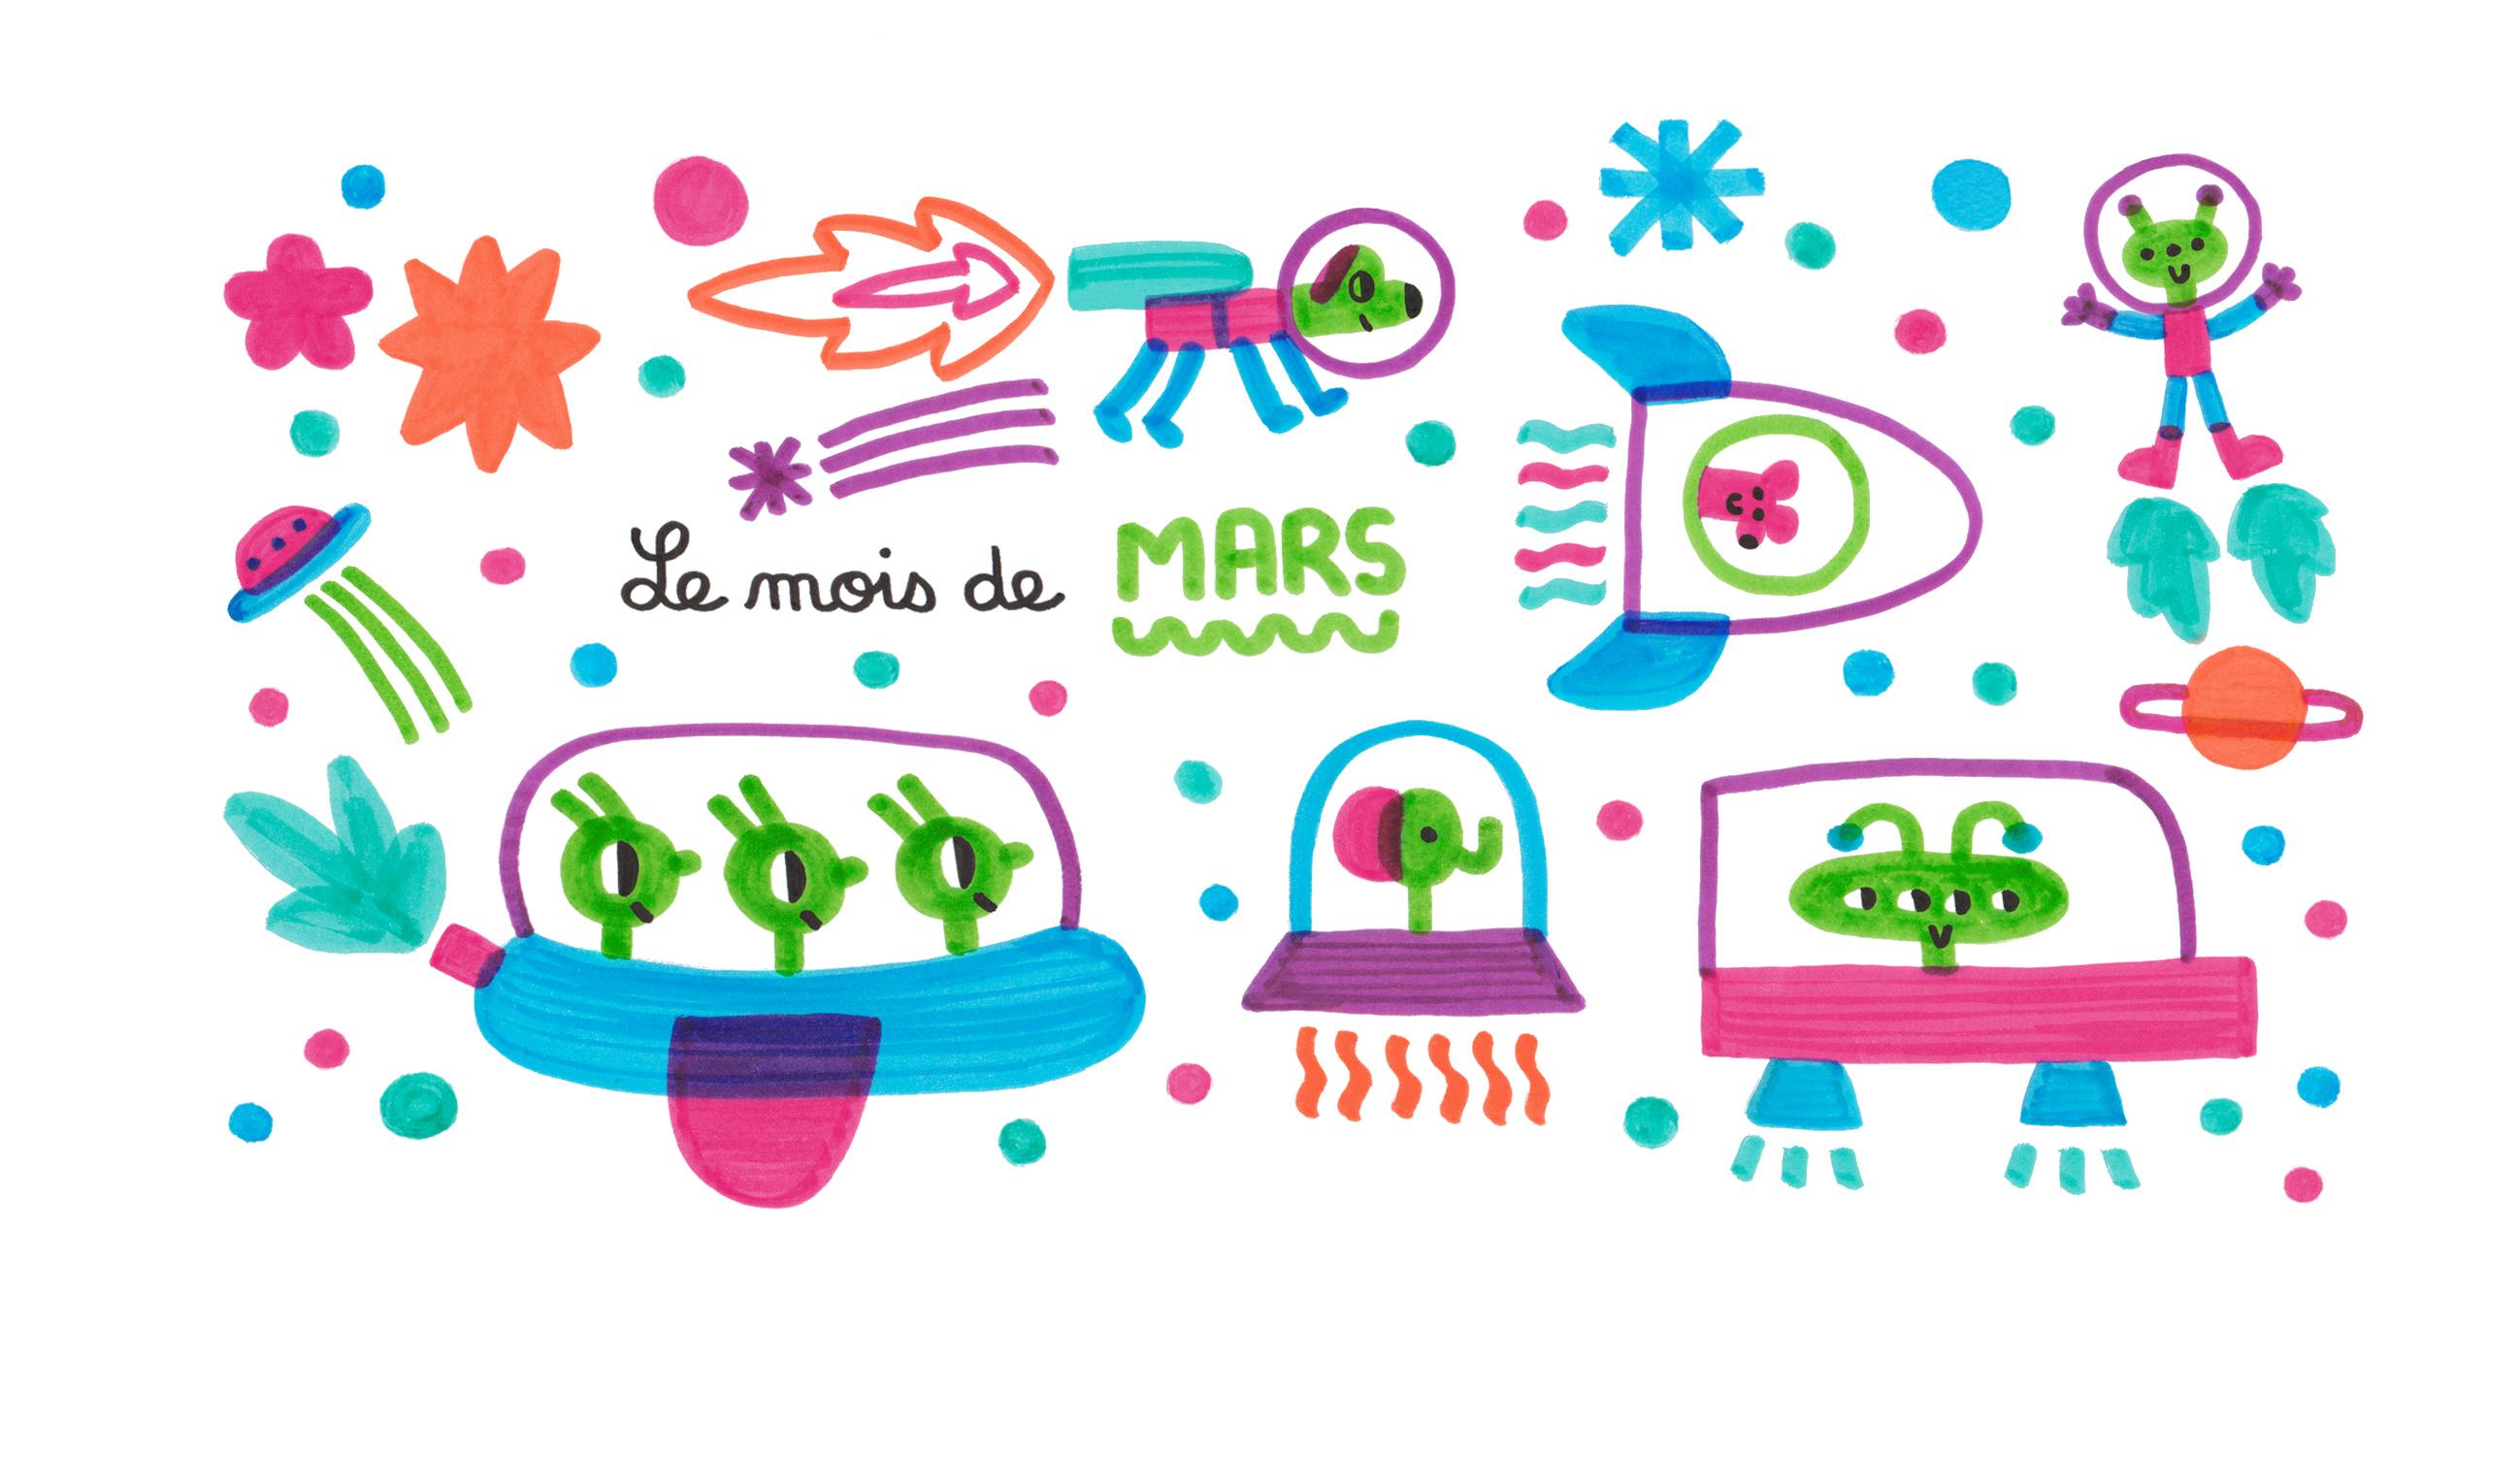 dessin de mars